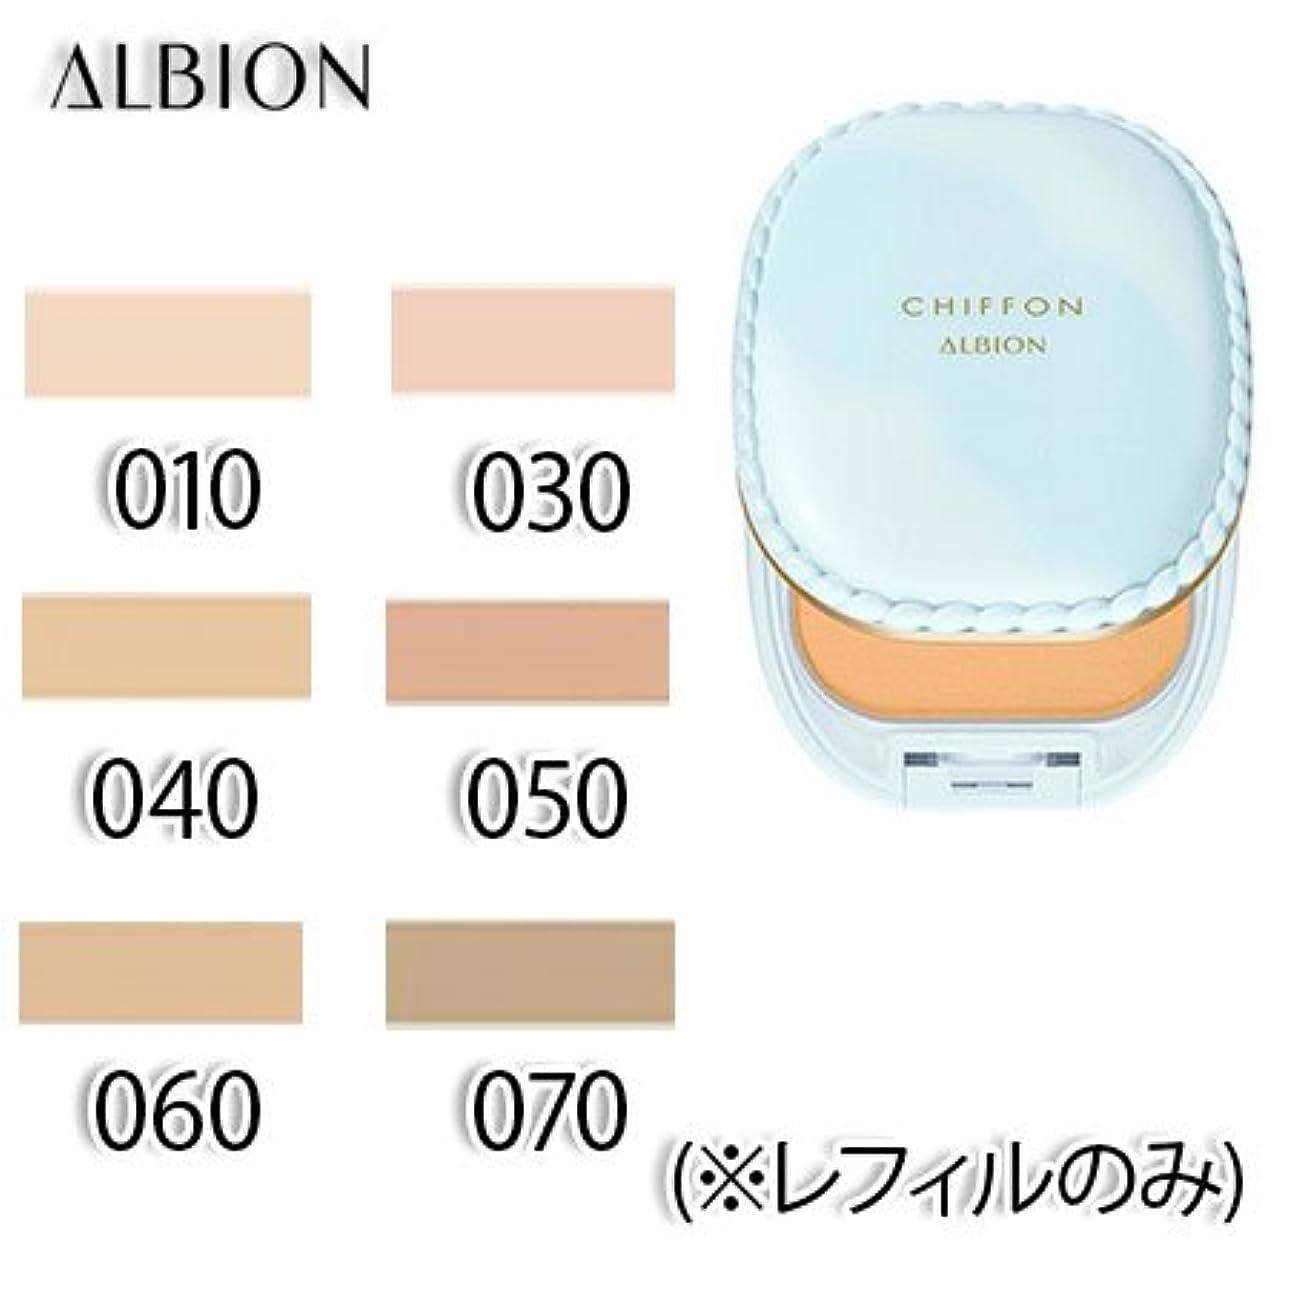 輸送救急車封筒アルビオン スノー ホワイト シフォン 全6色 SPF25?PA++ 10g (レフィルのみ) -ALBION- 050